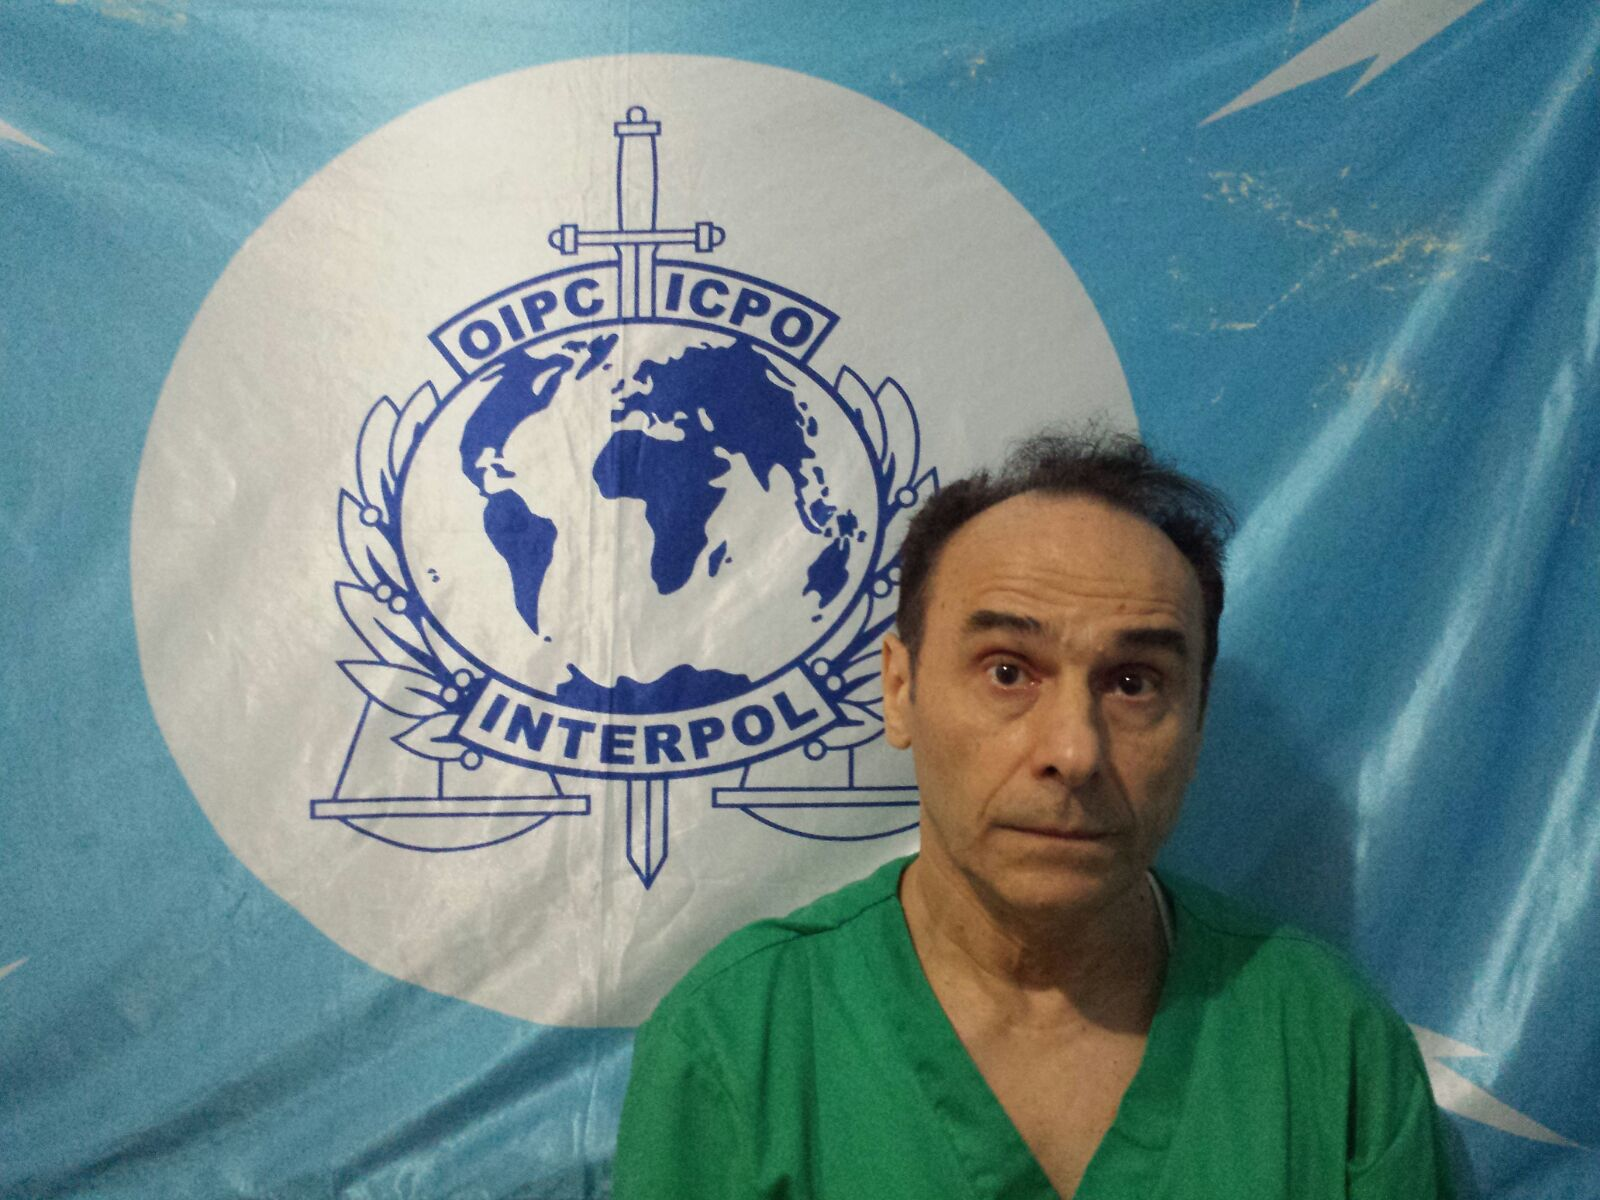 Apresan fisioterapista italiano acusado de abusar sexualmente pacientes